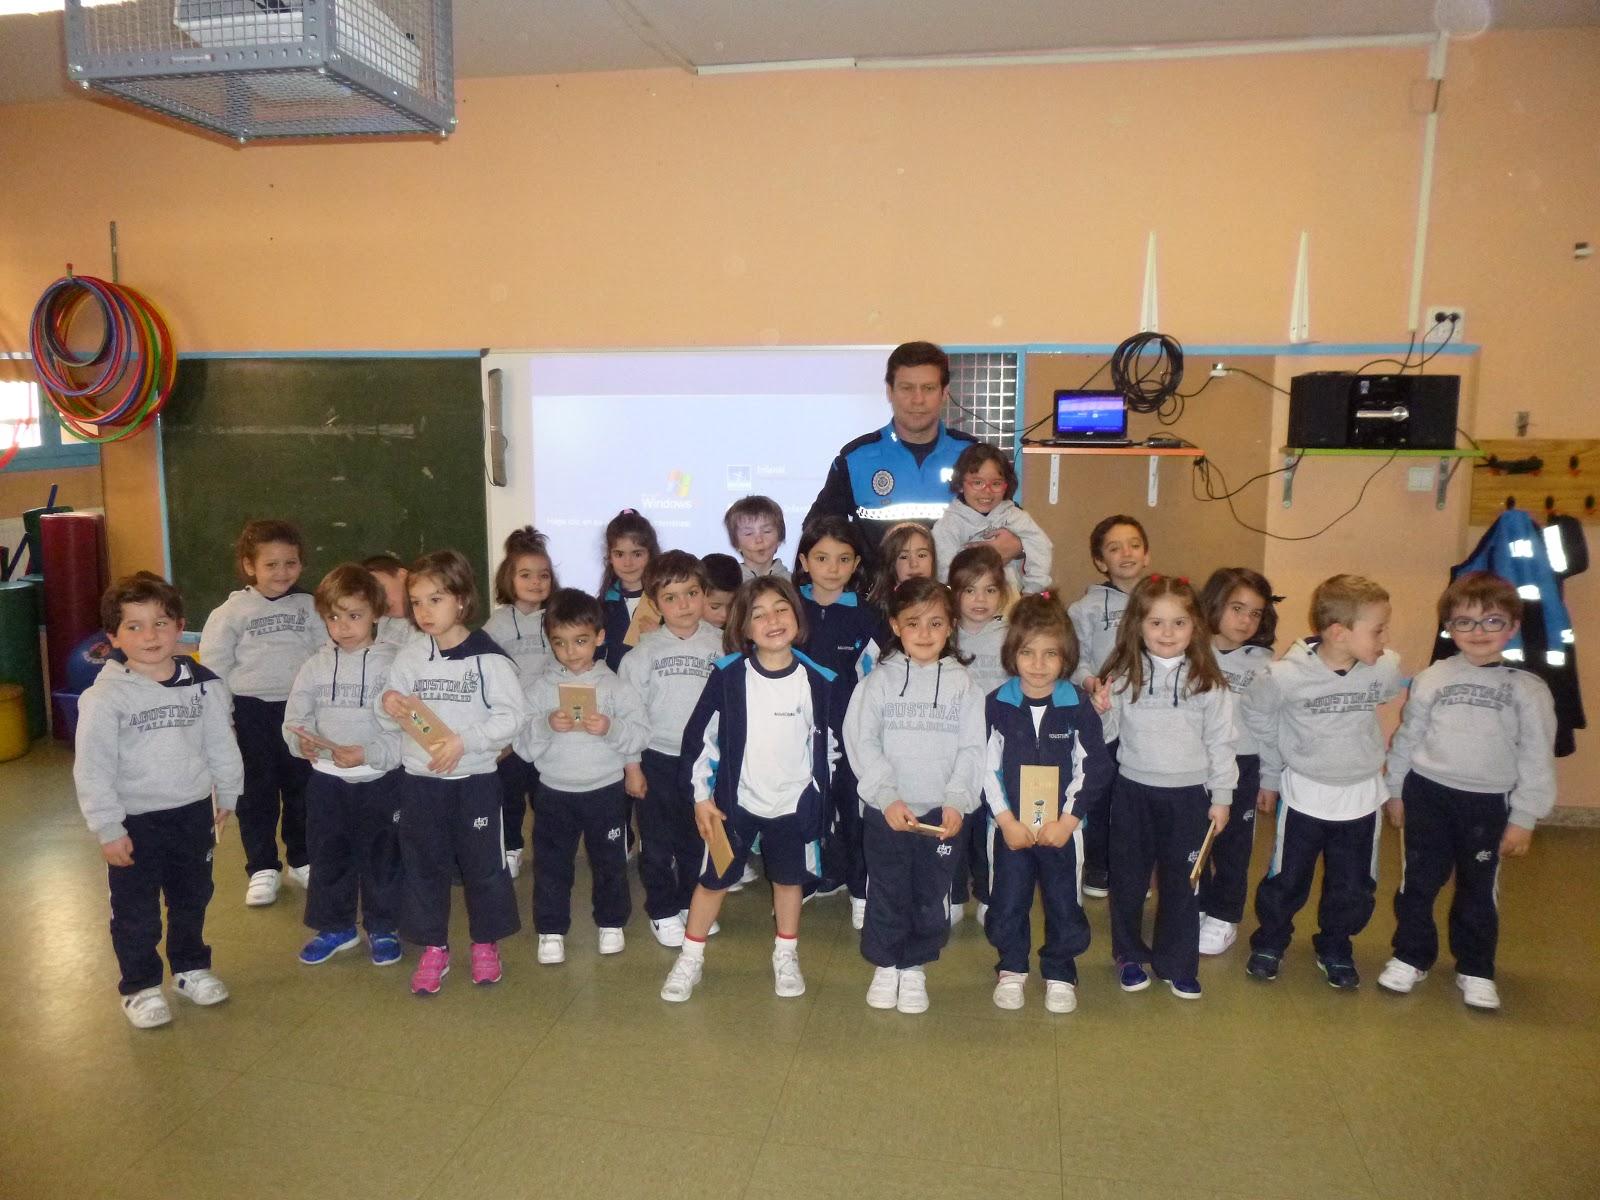 Agustinas Valladolid - 2017 - Infantil 4 - Policía Municipal 4